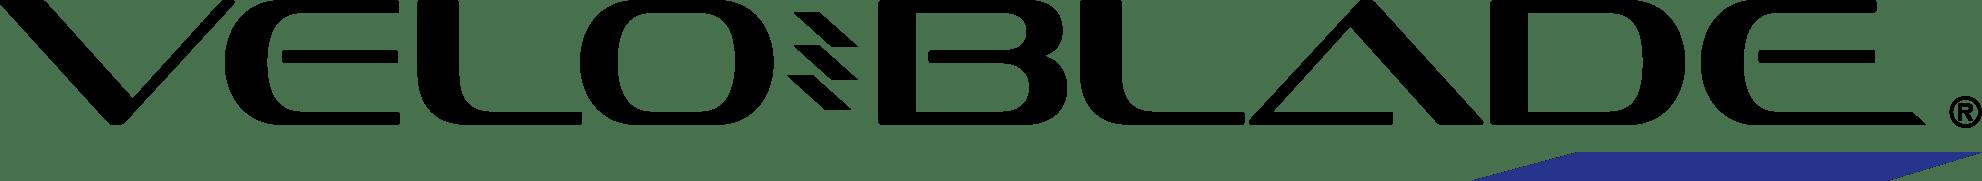 VeloBlade-Logo